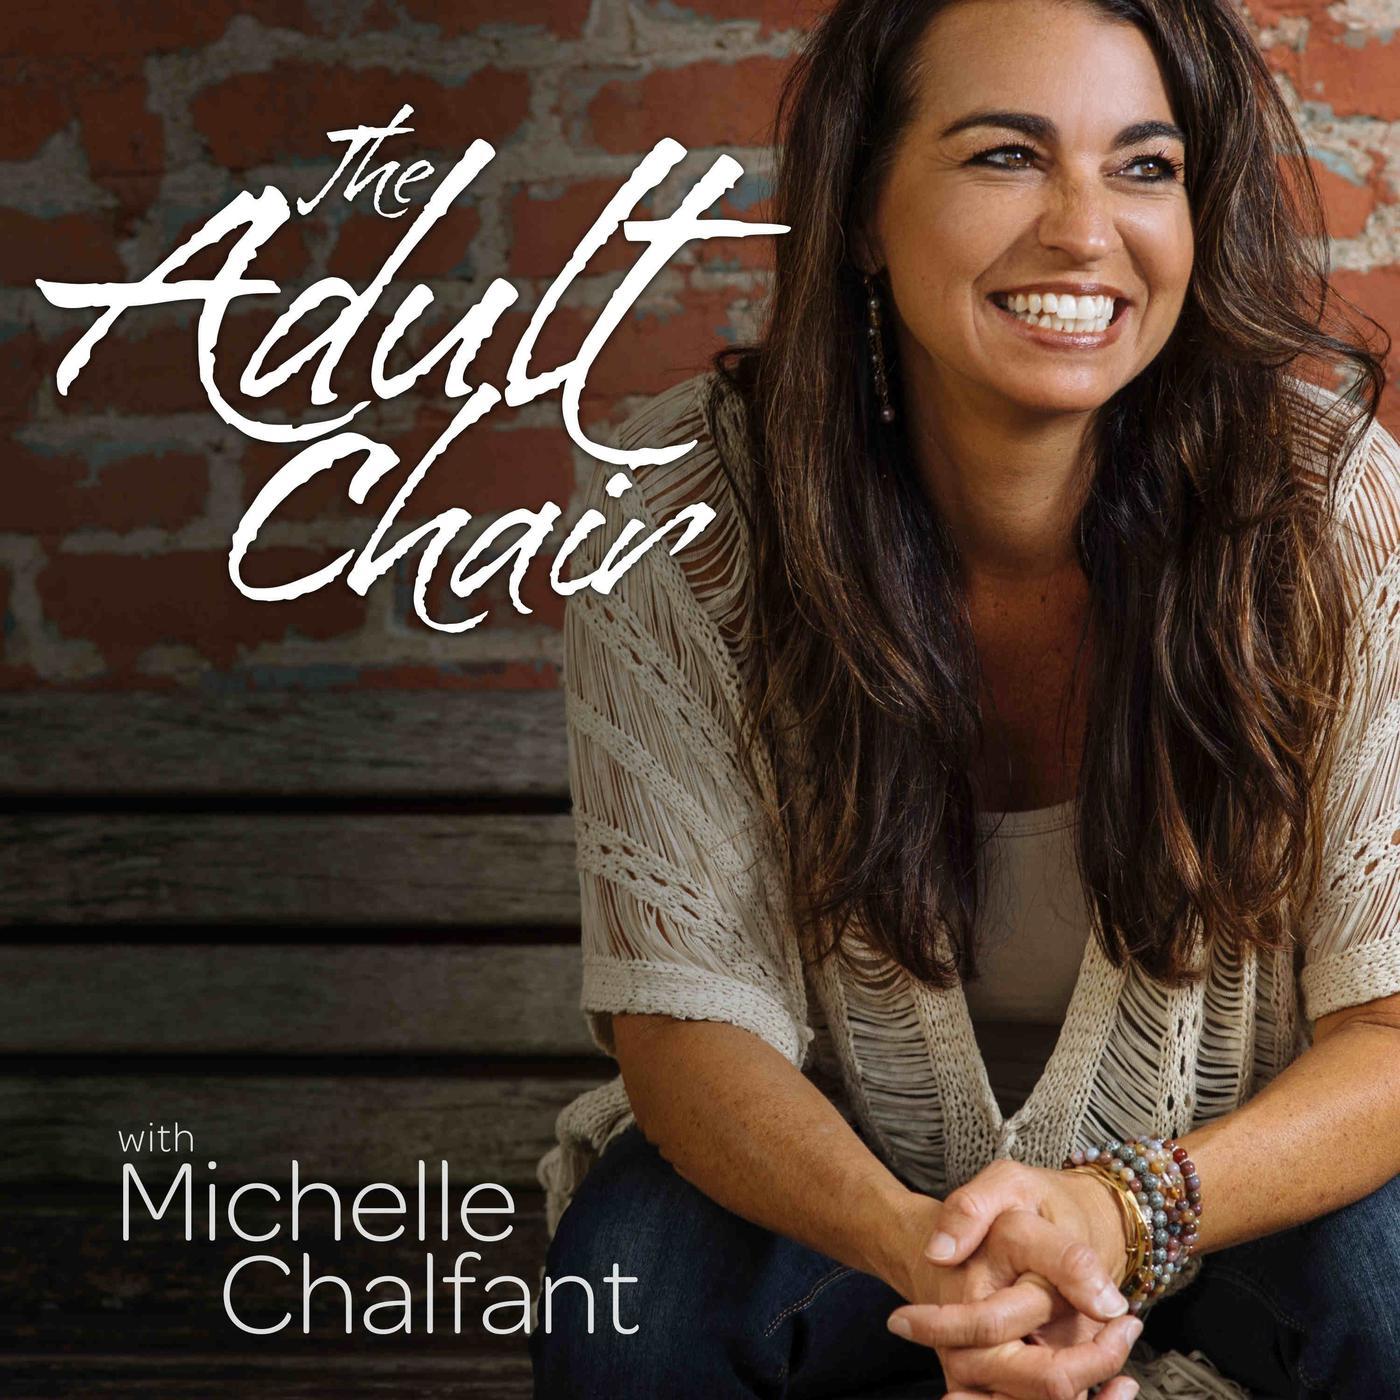 Michelle Chalfant